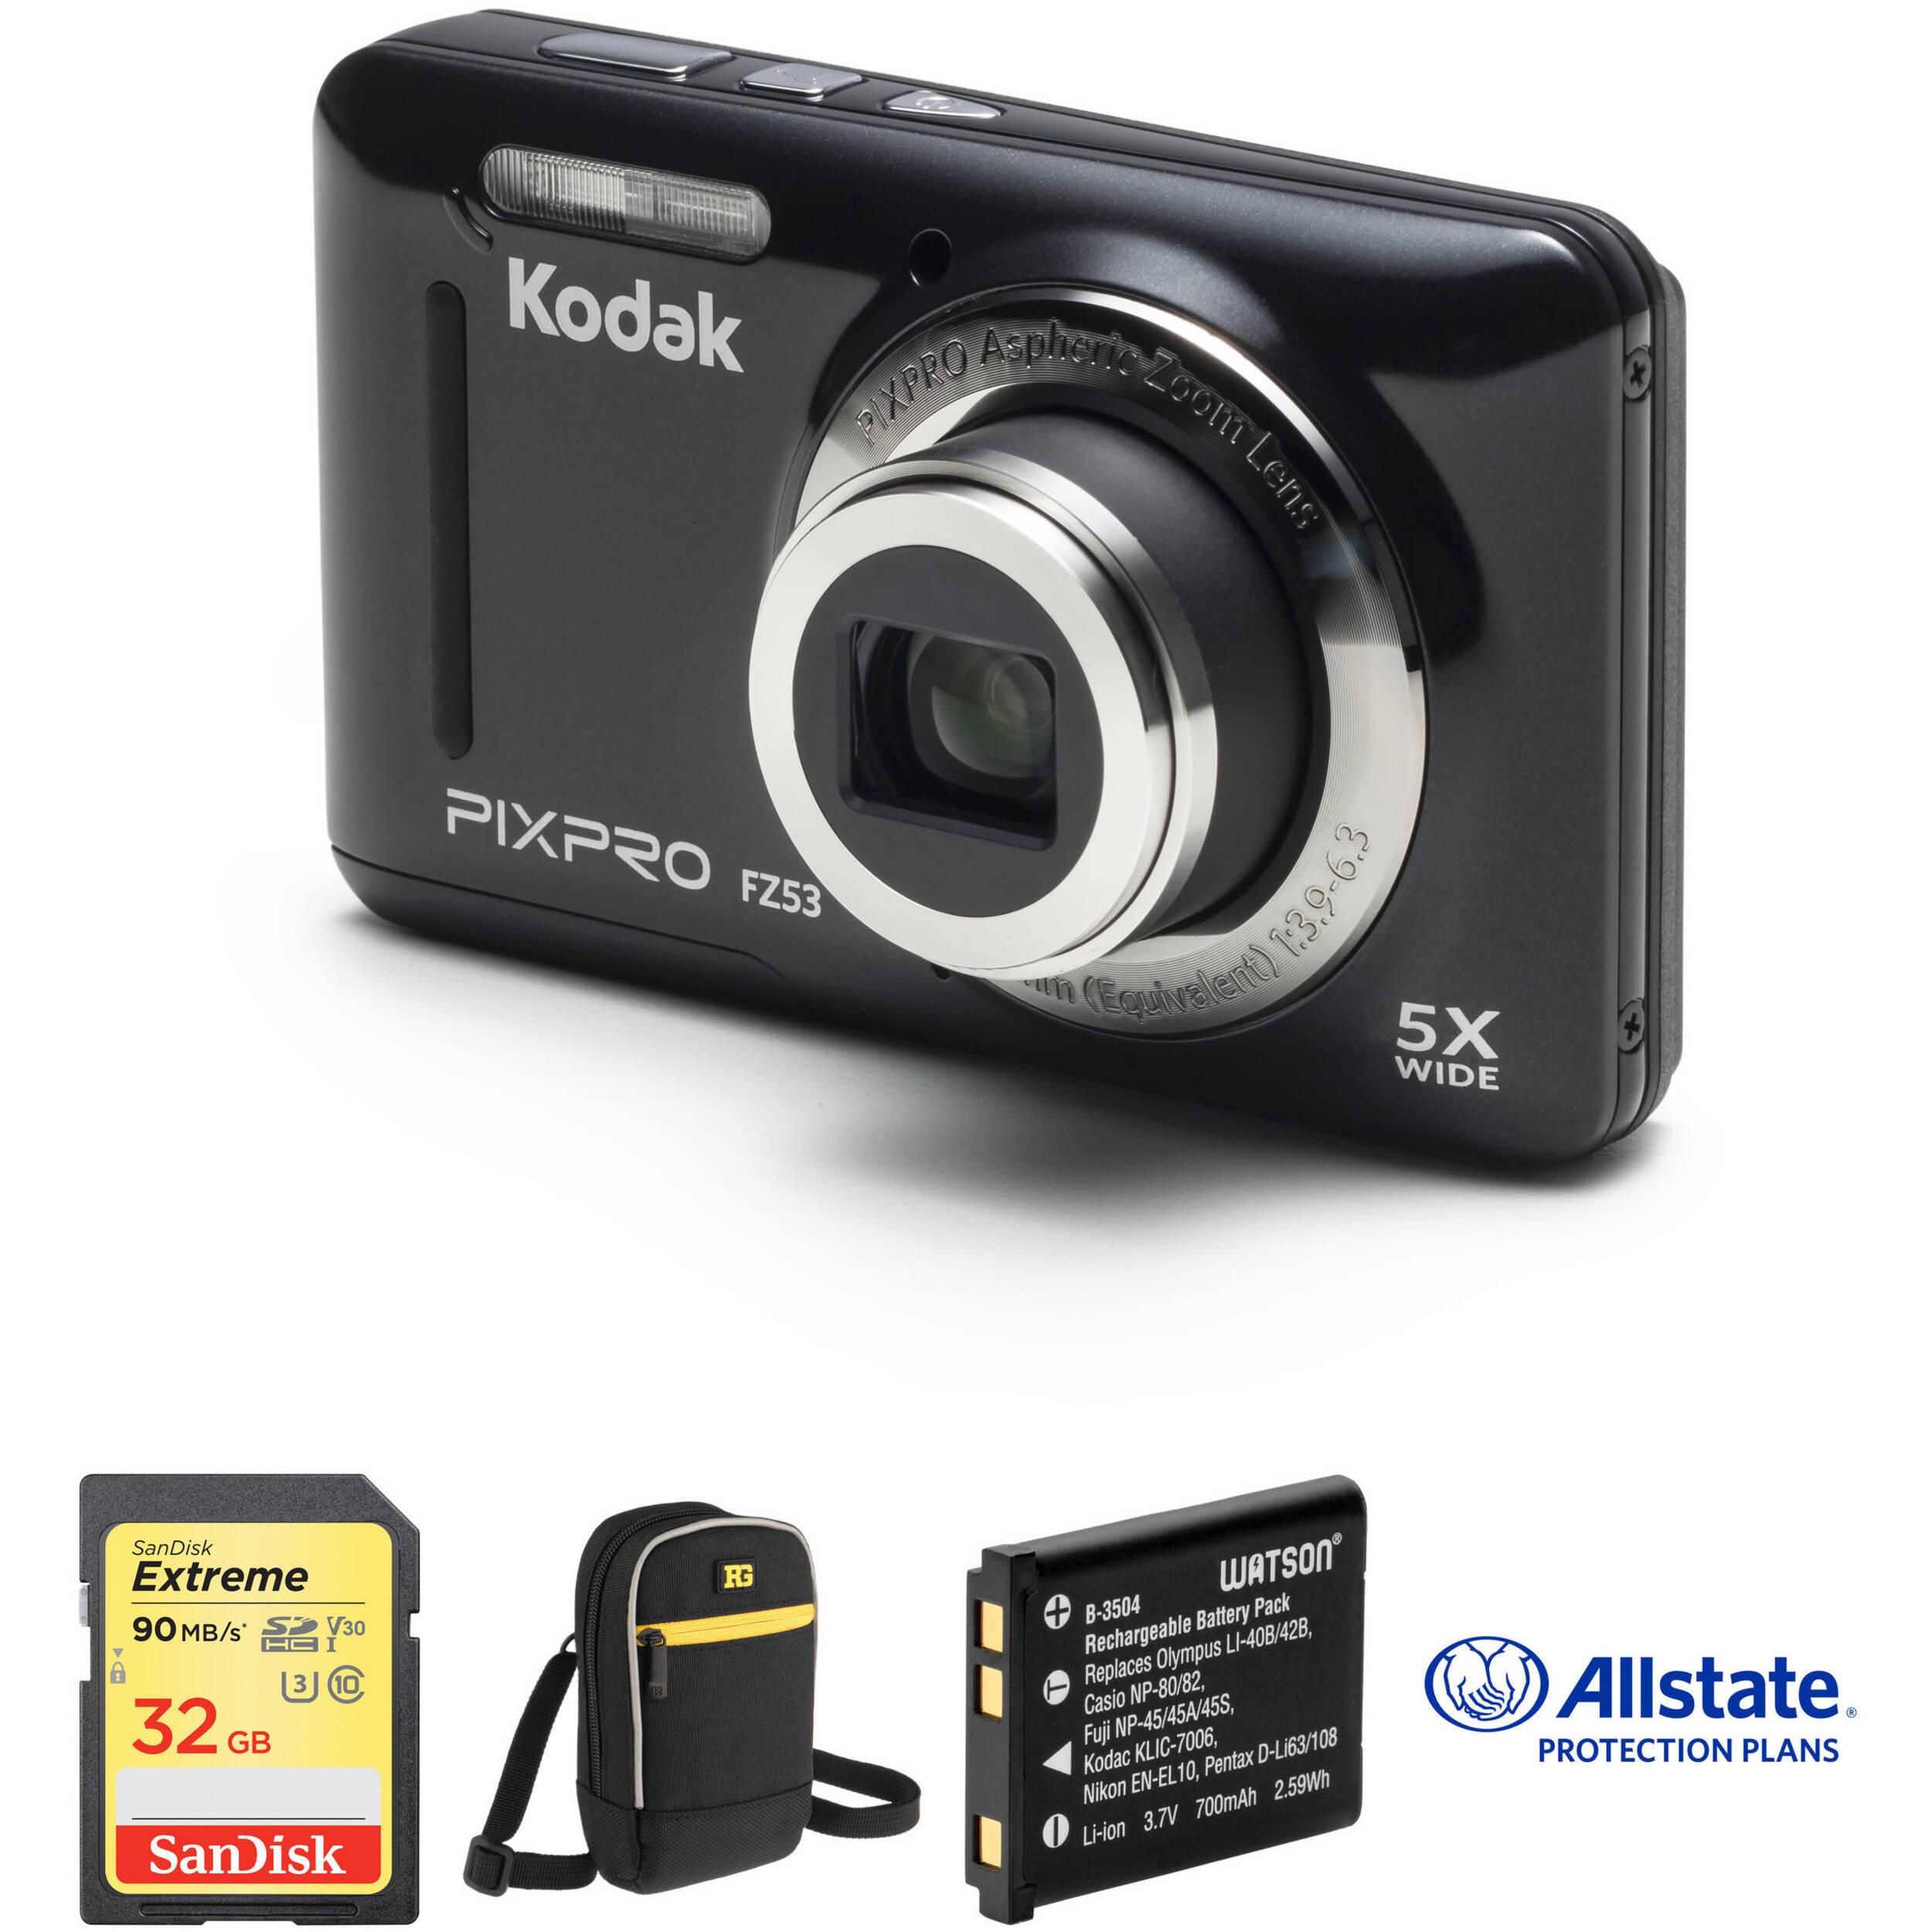 BATERIA 700mAh PARA Pentax D-Li63 D-Li108; Kodak Klic-7006